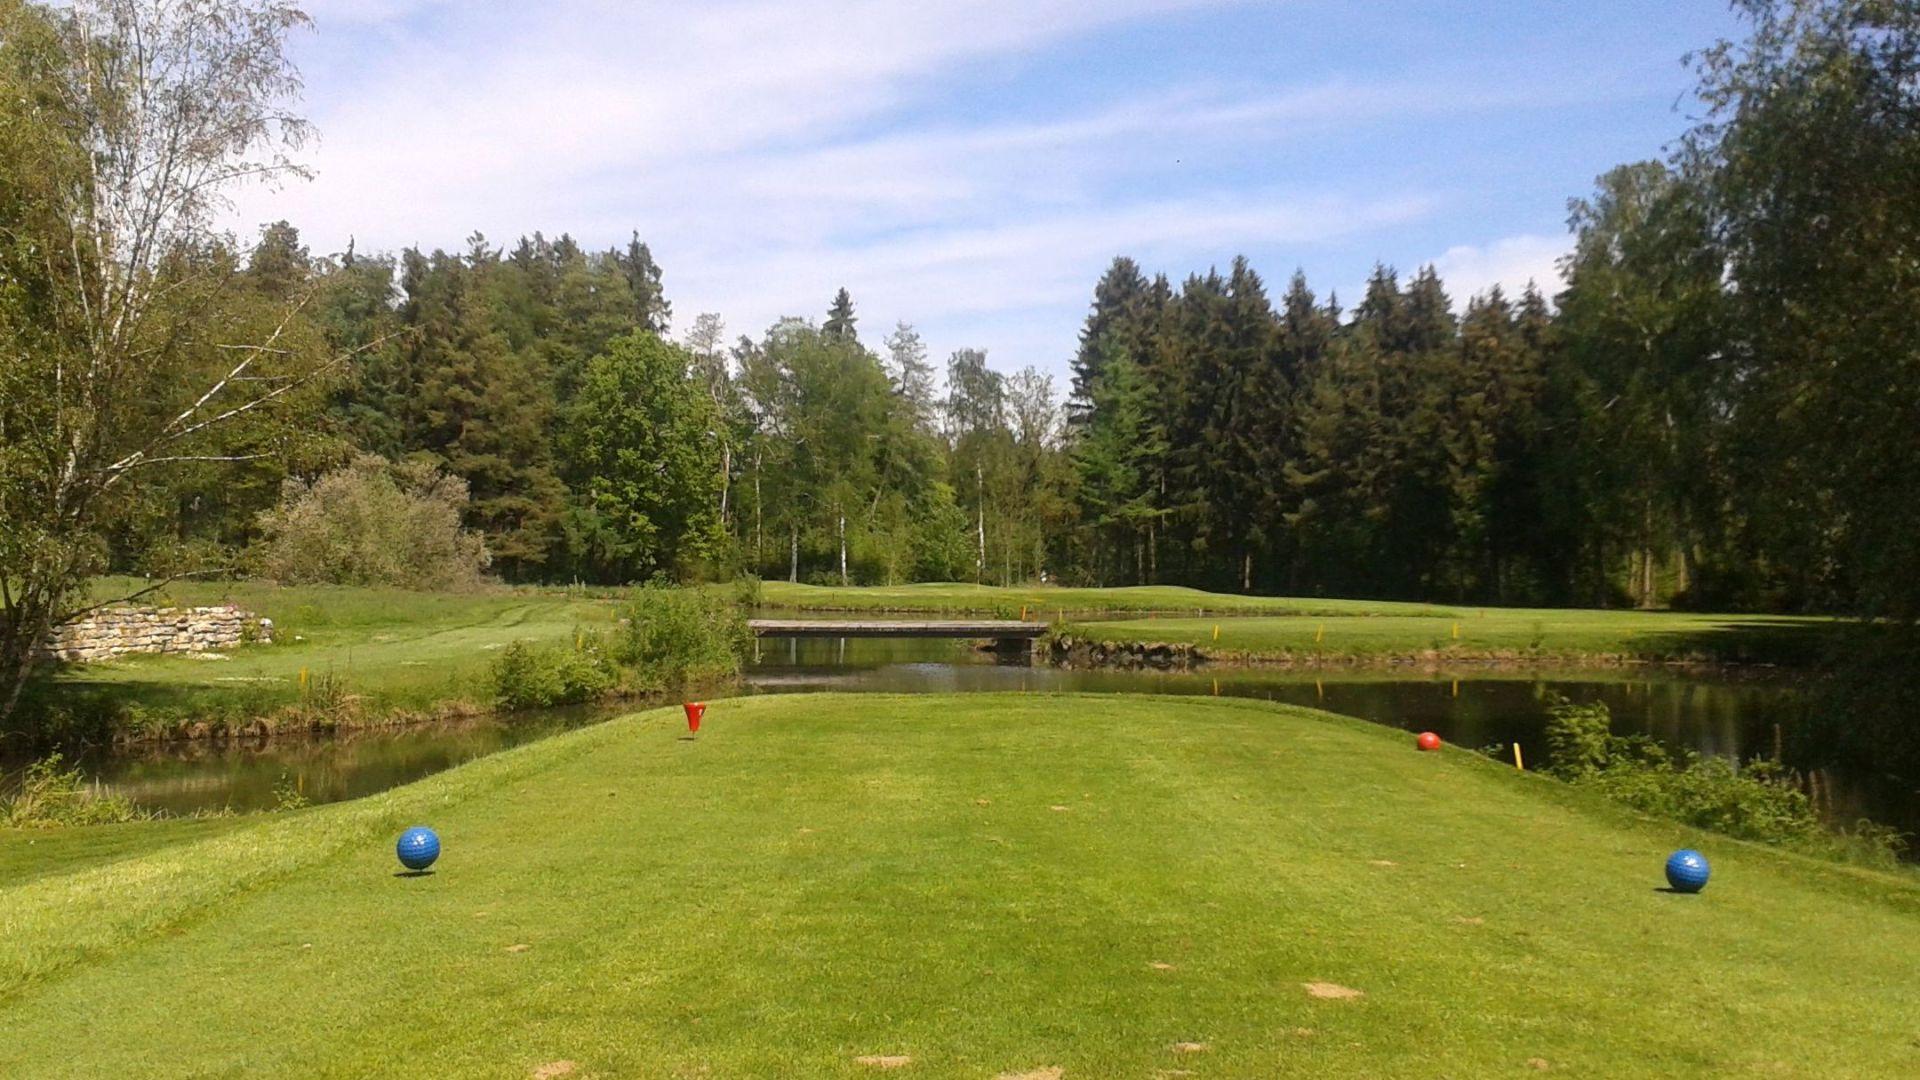 Golfplatz in Jettingen-Scheppach